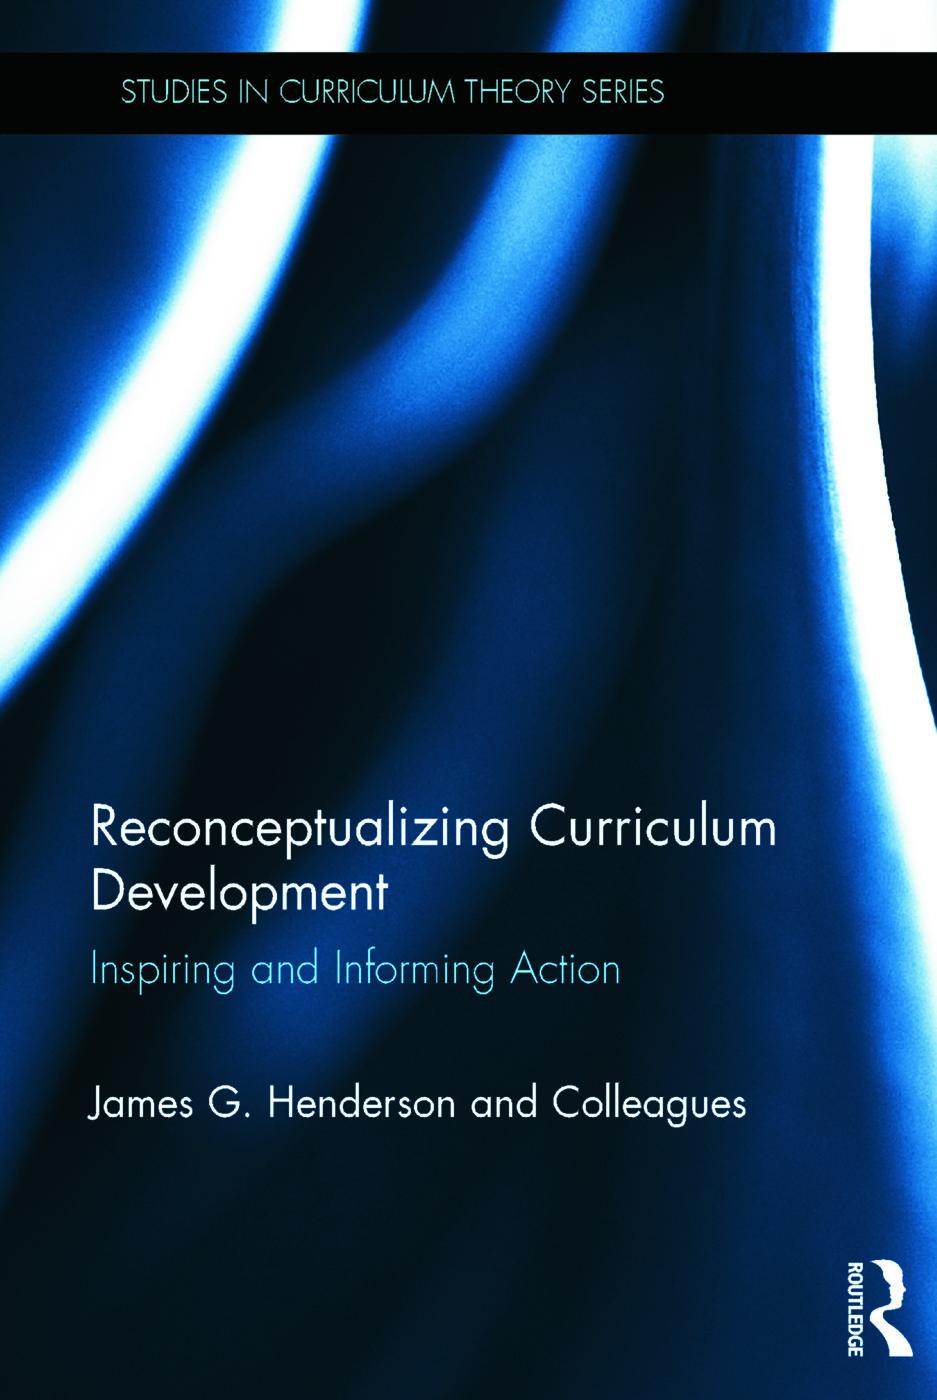 Reconceptualizing Curriculum Development